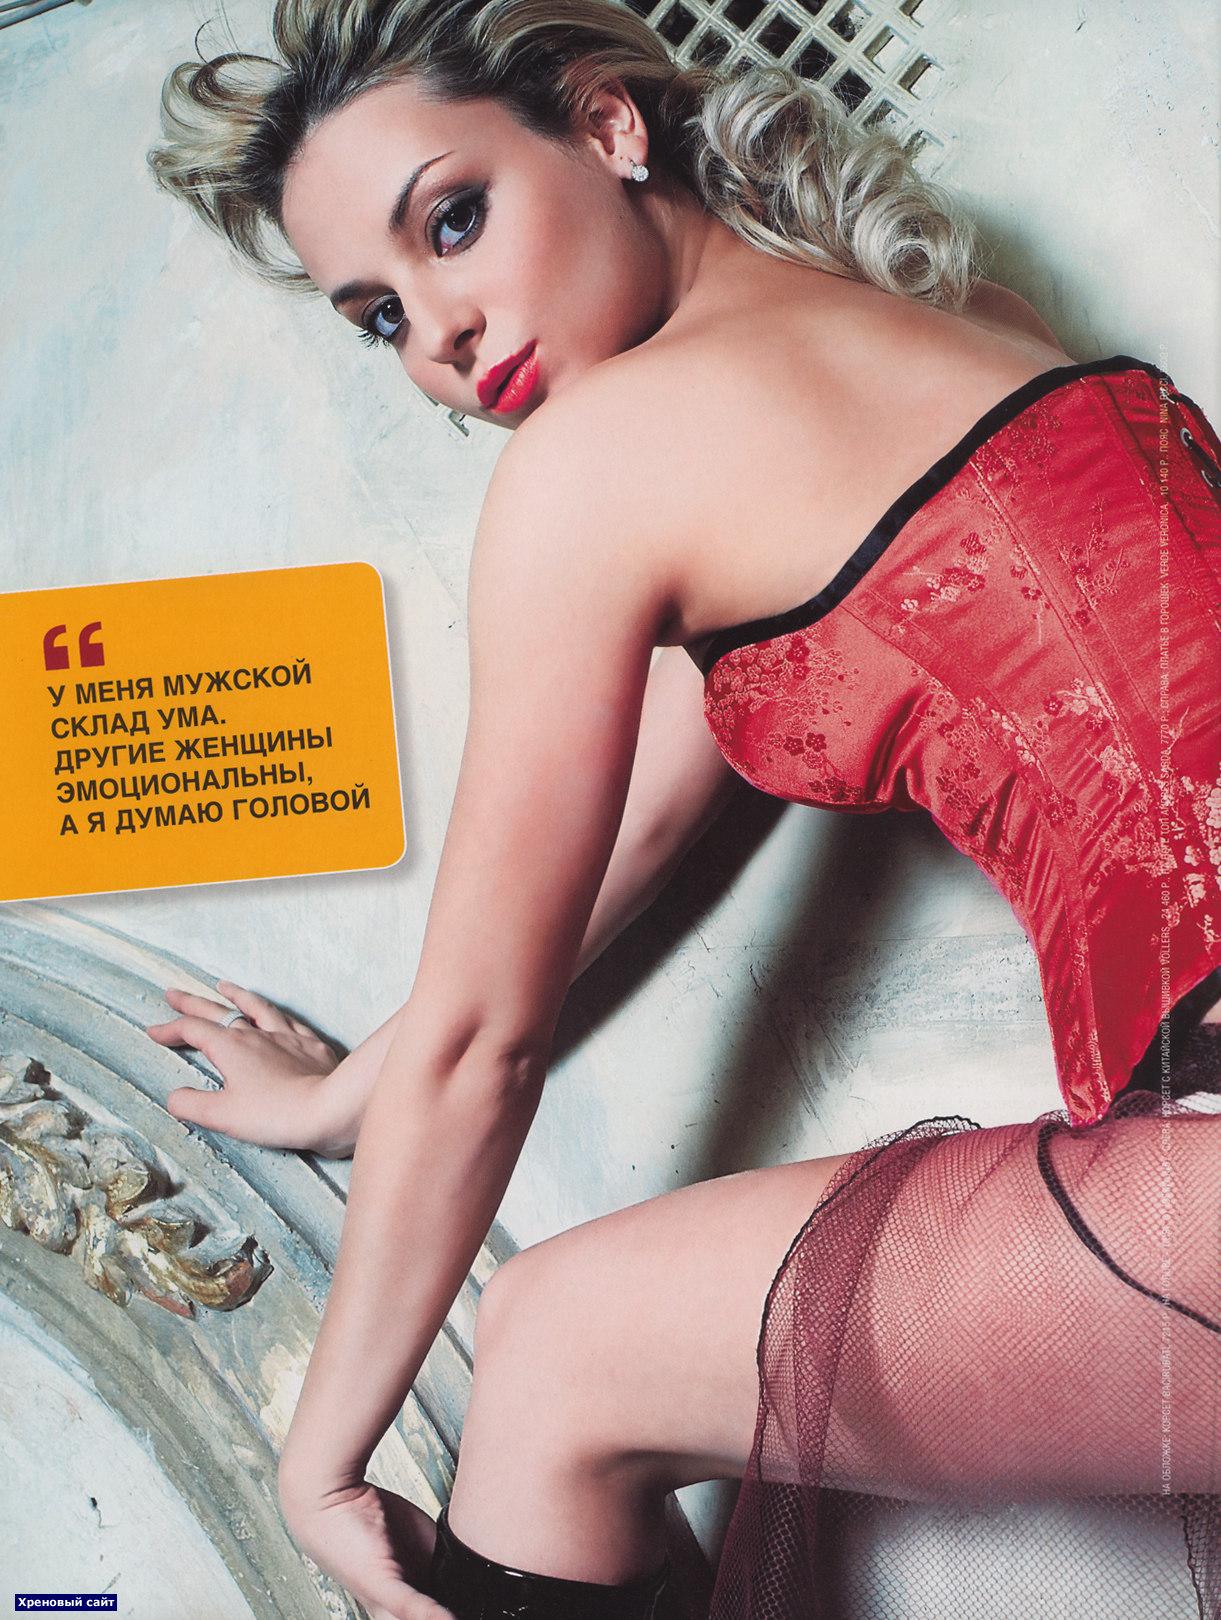 Сагалова дарья снимается в порно 5 фотография